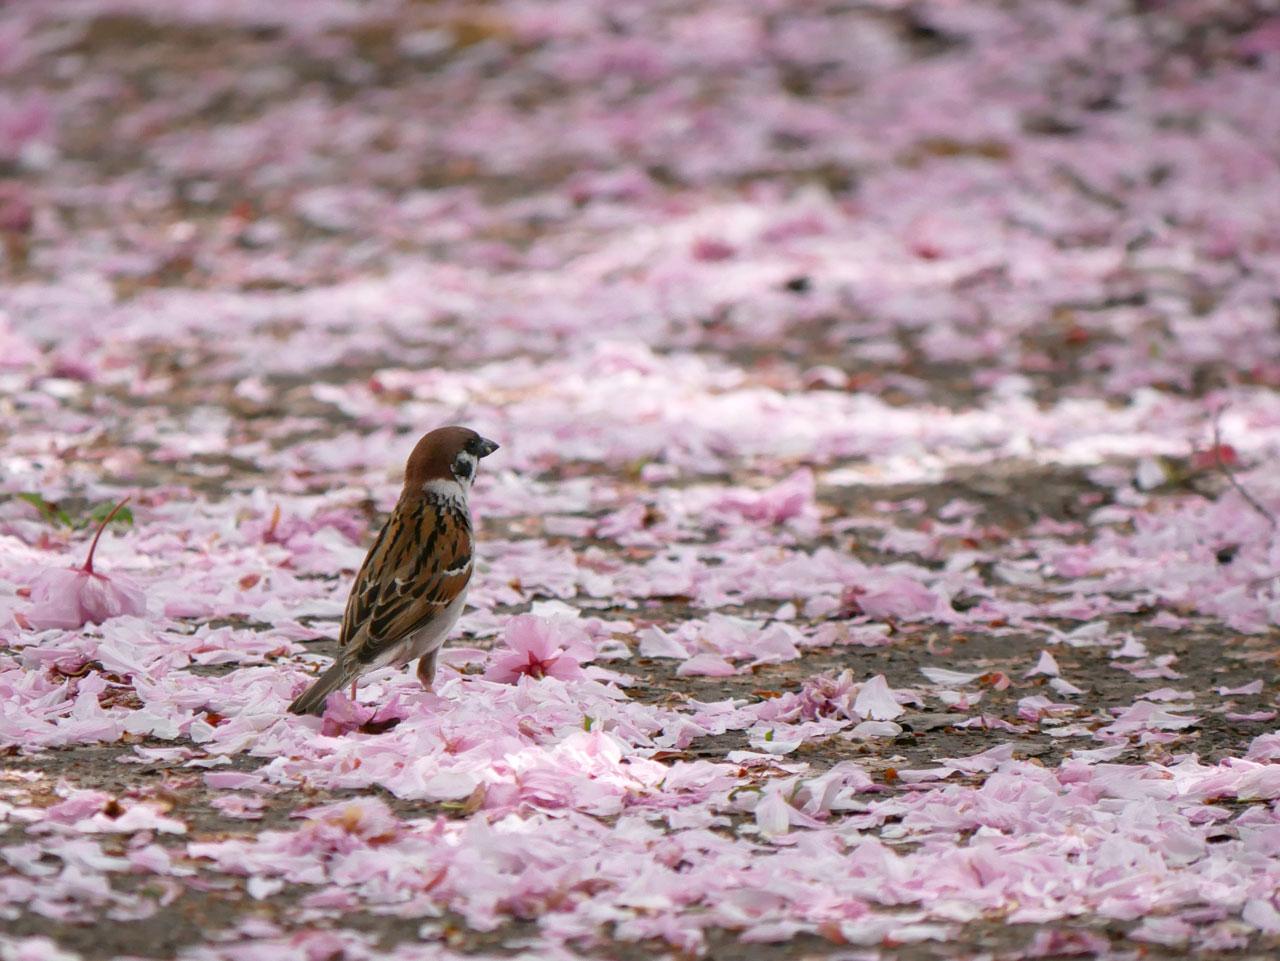 瓢湖の八重桜とスズメ1:LUMIX DMC-GX7MK2+LUMIX G VARIO 100-300mm/F4.0-5.6 II/POWER O.I.S. H-FSA100300